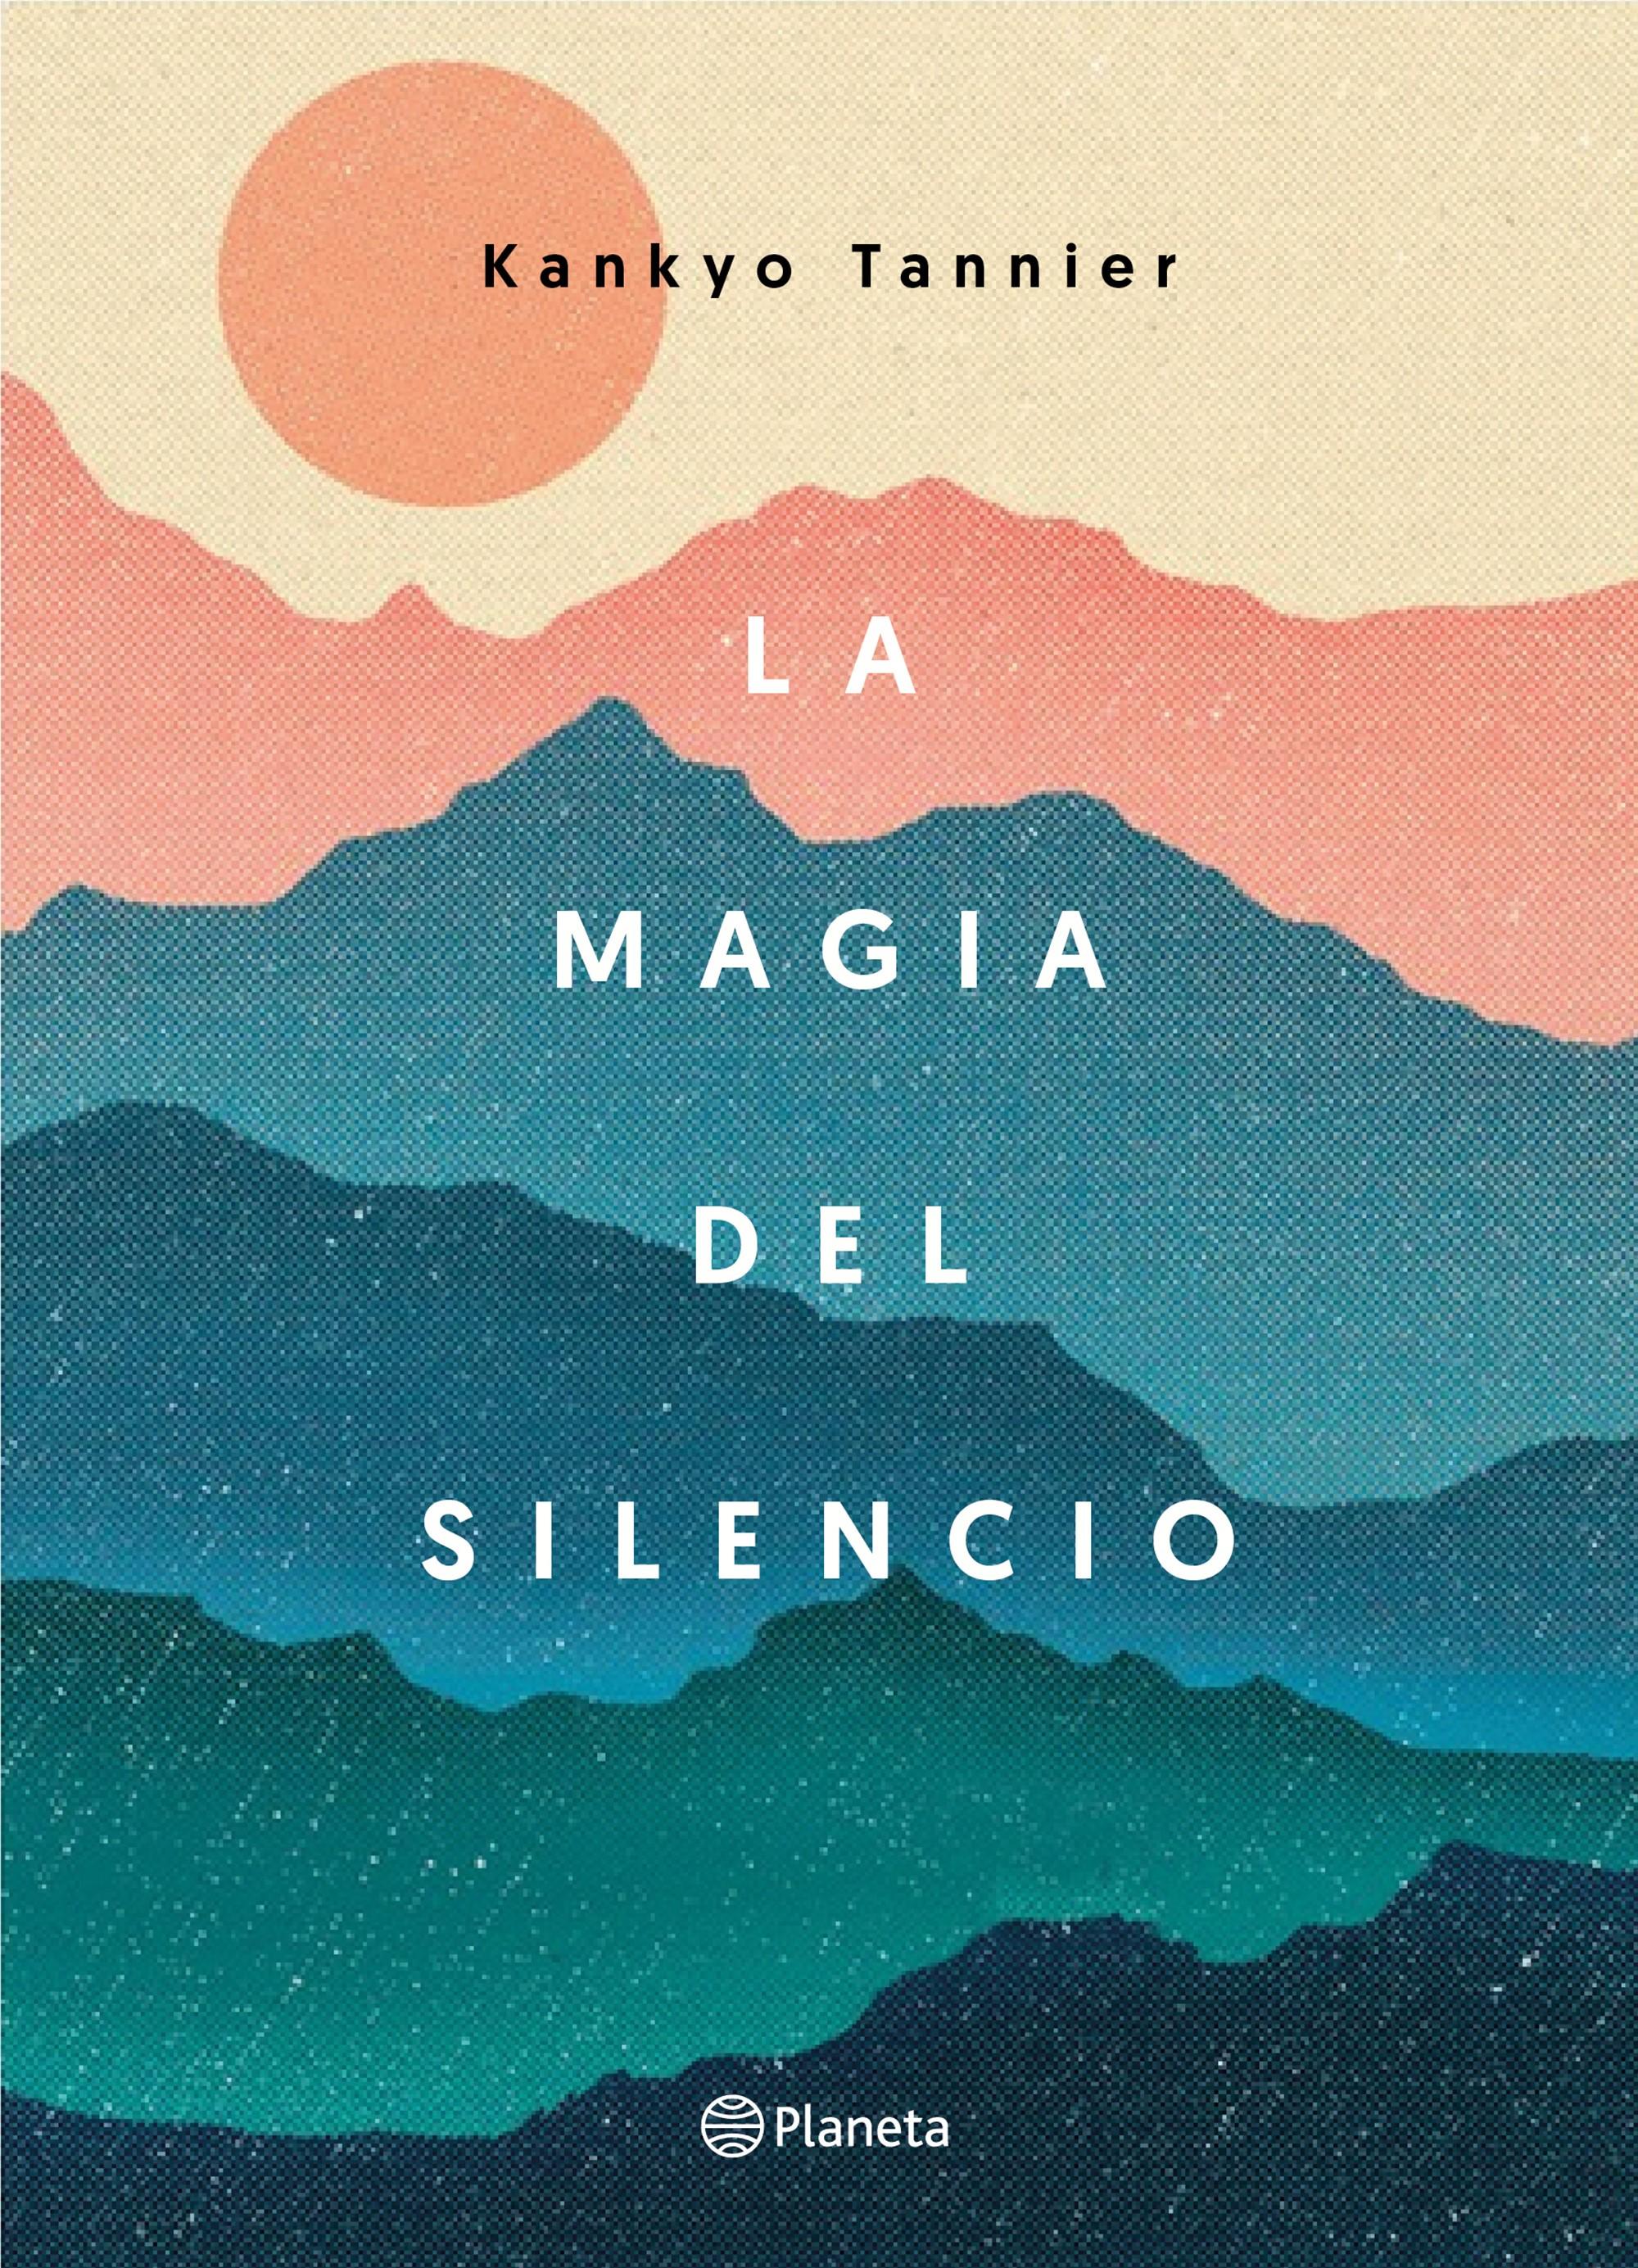 La magia del silencio y escuchar silencio corporal